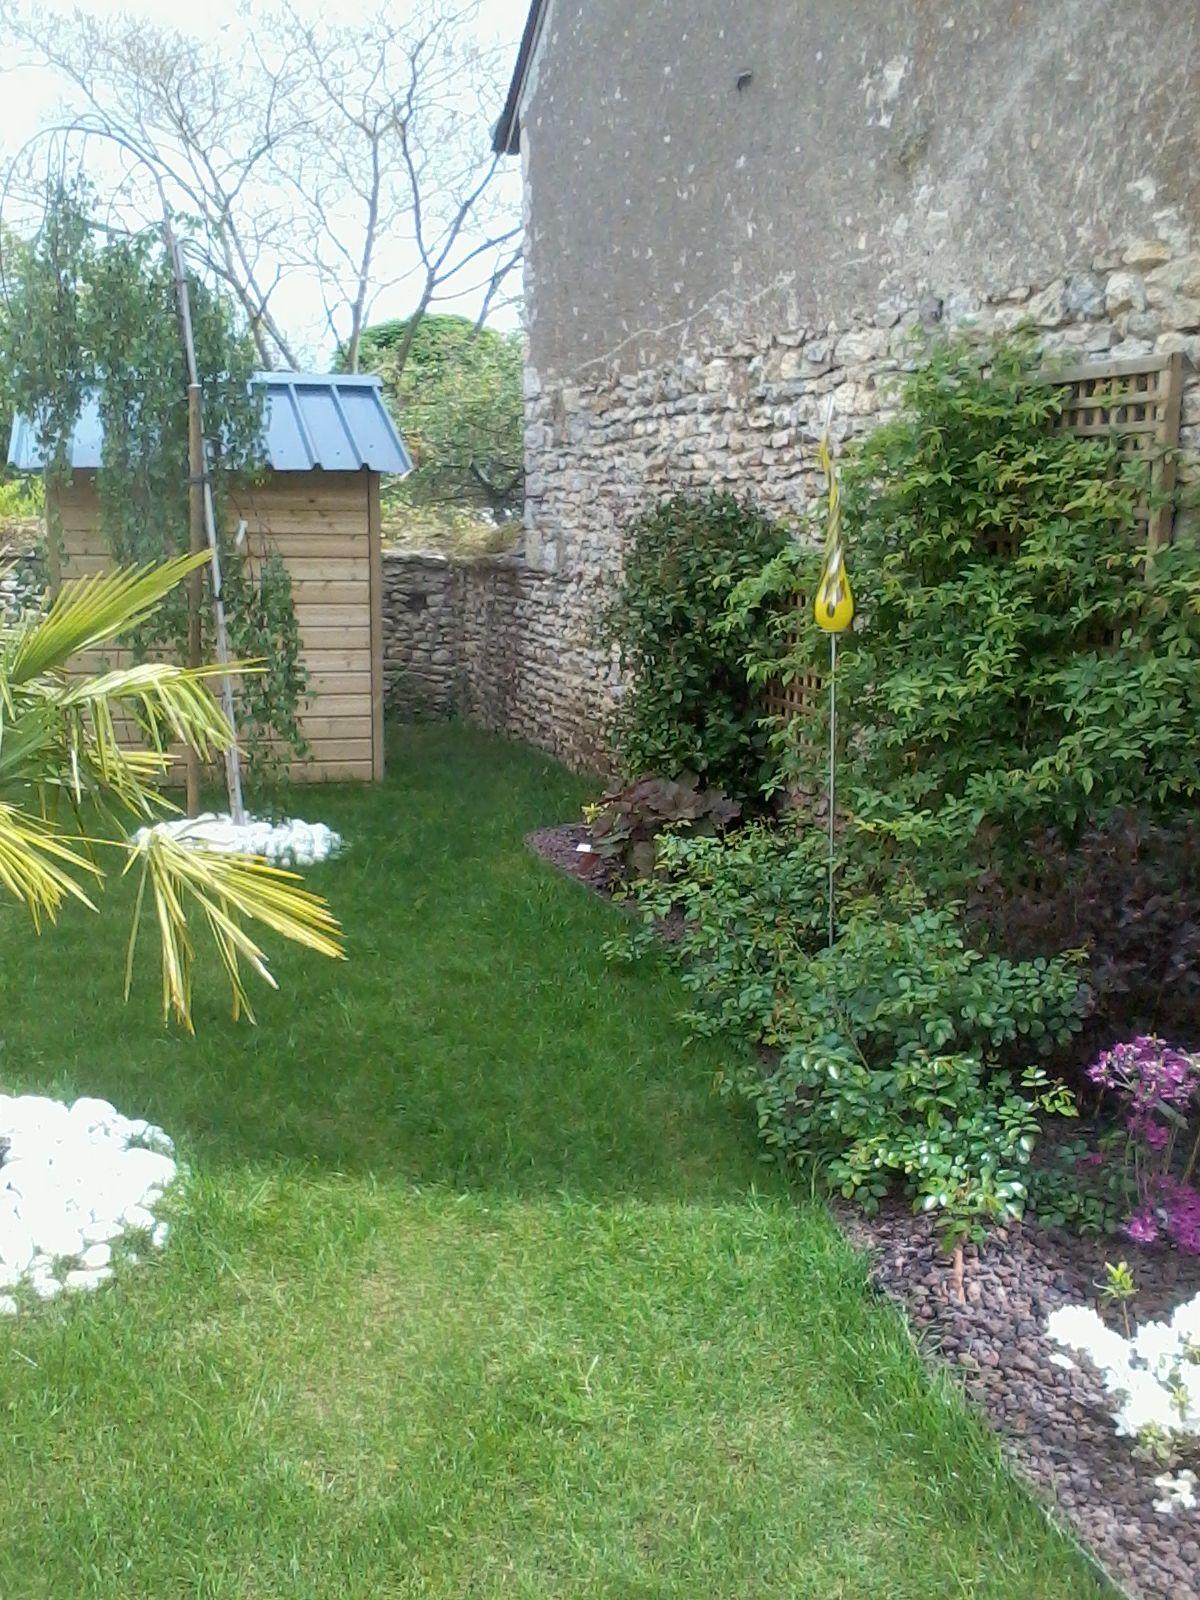 Am nagement d 39 un jardin for Amenagement d un jardin